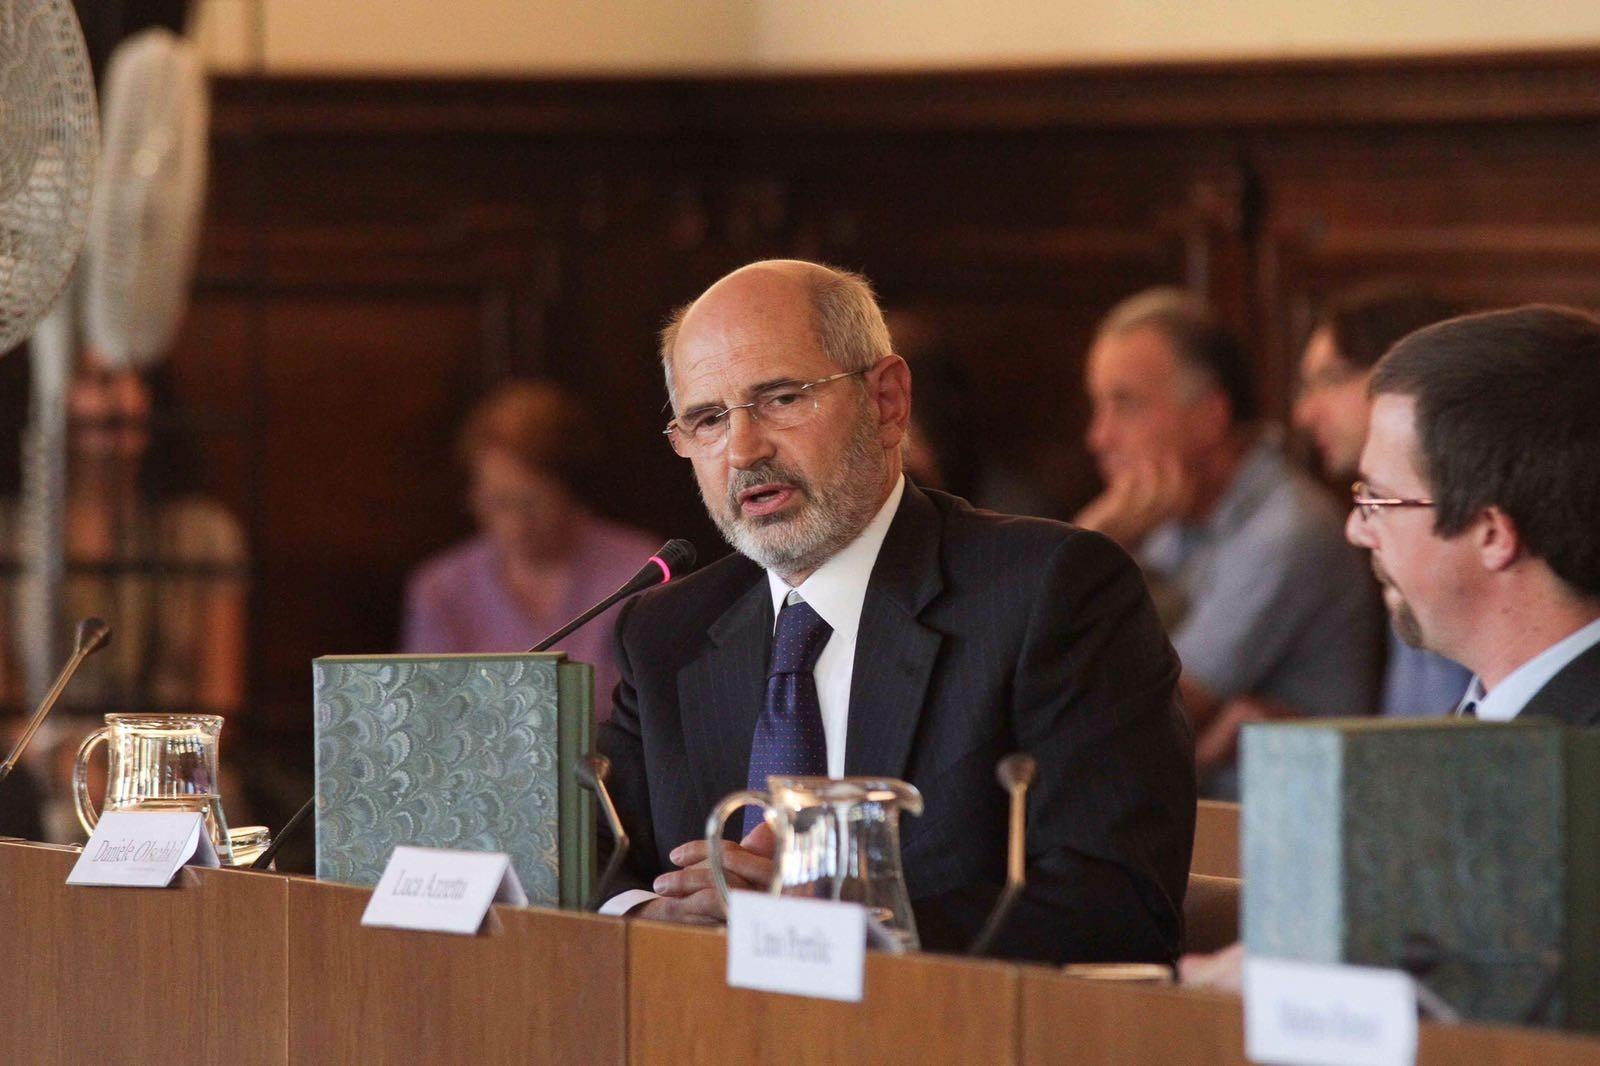 A Unimc incontro con Daniele Olschki, storia e prestigio di un editore